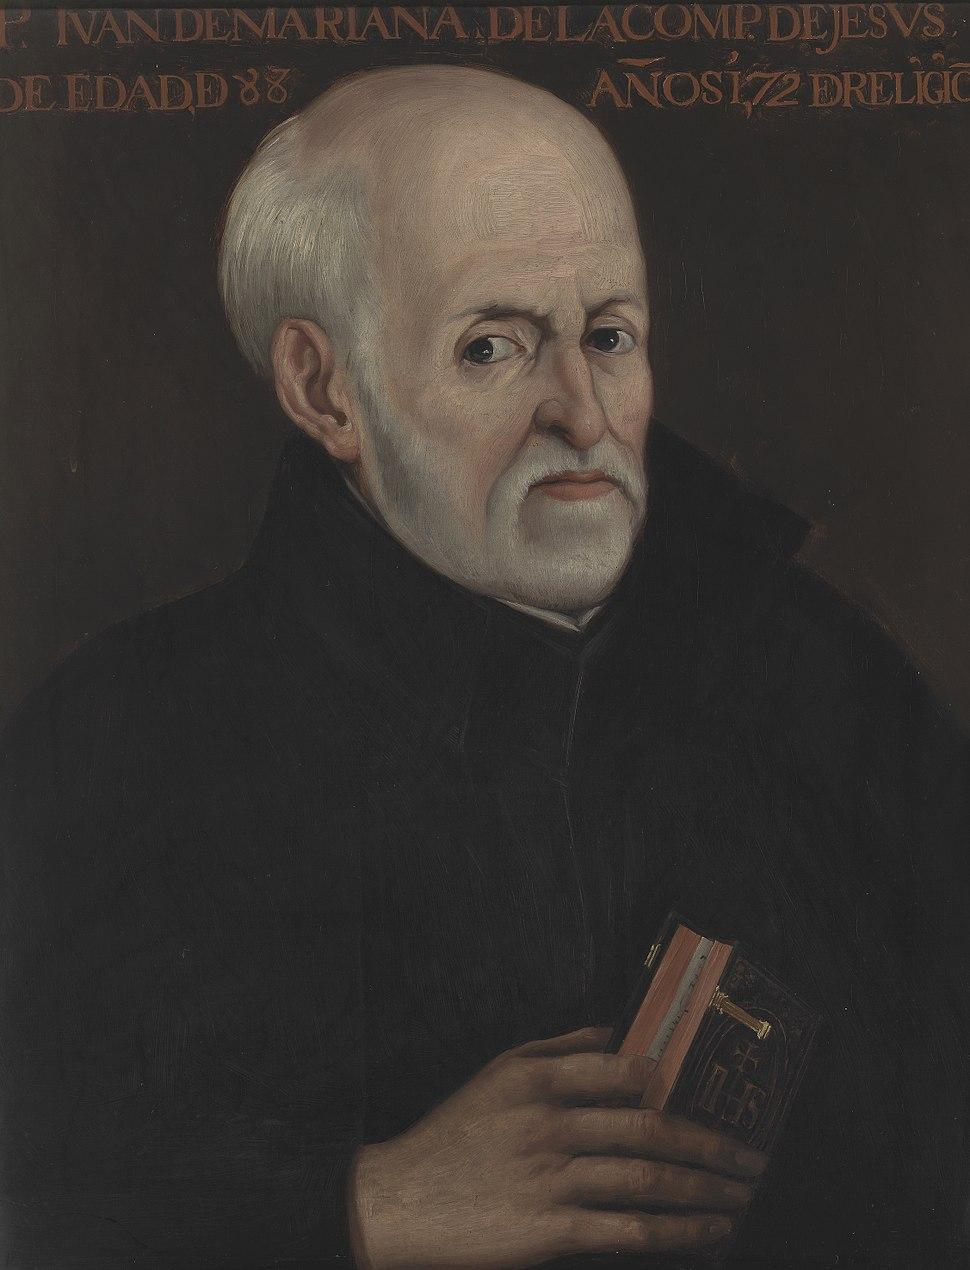 El padre Juan de Mariana (Museo del Prado)